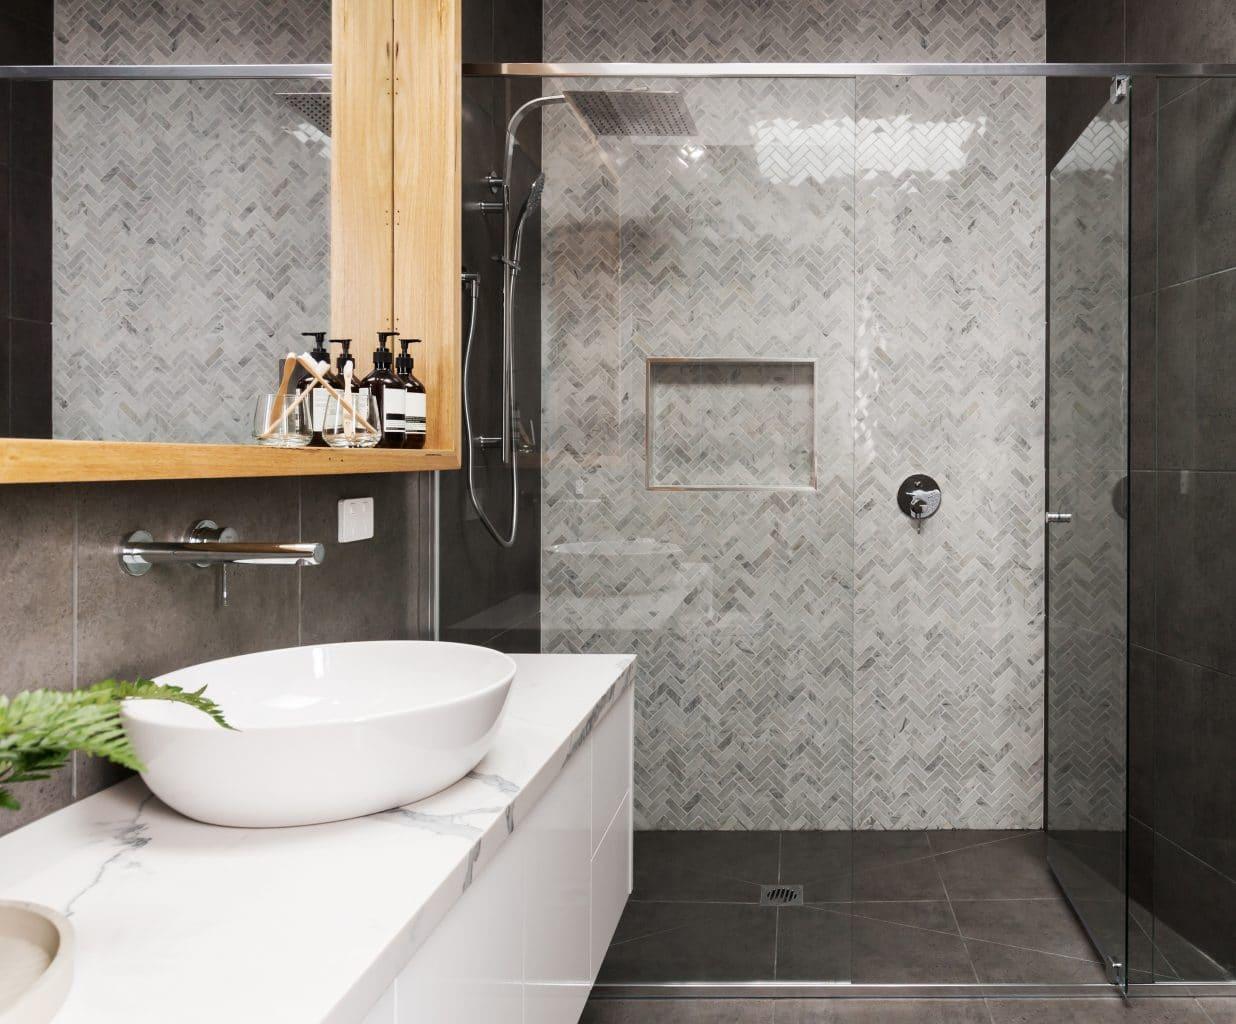 illiCO travaux Mérignac - Pessac : rénovation salle de bain